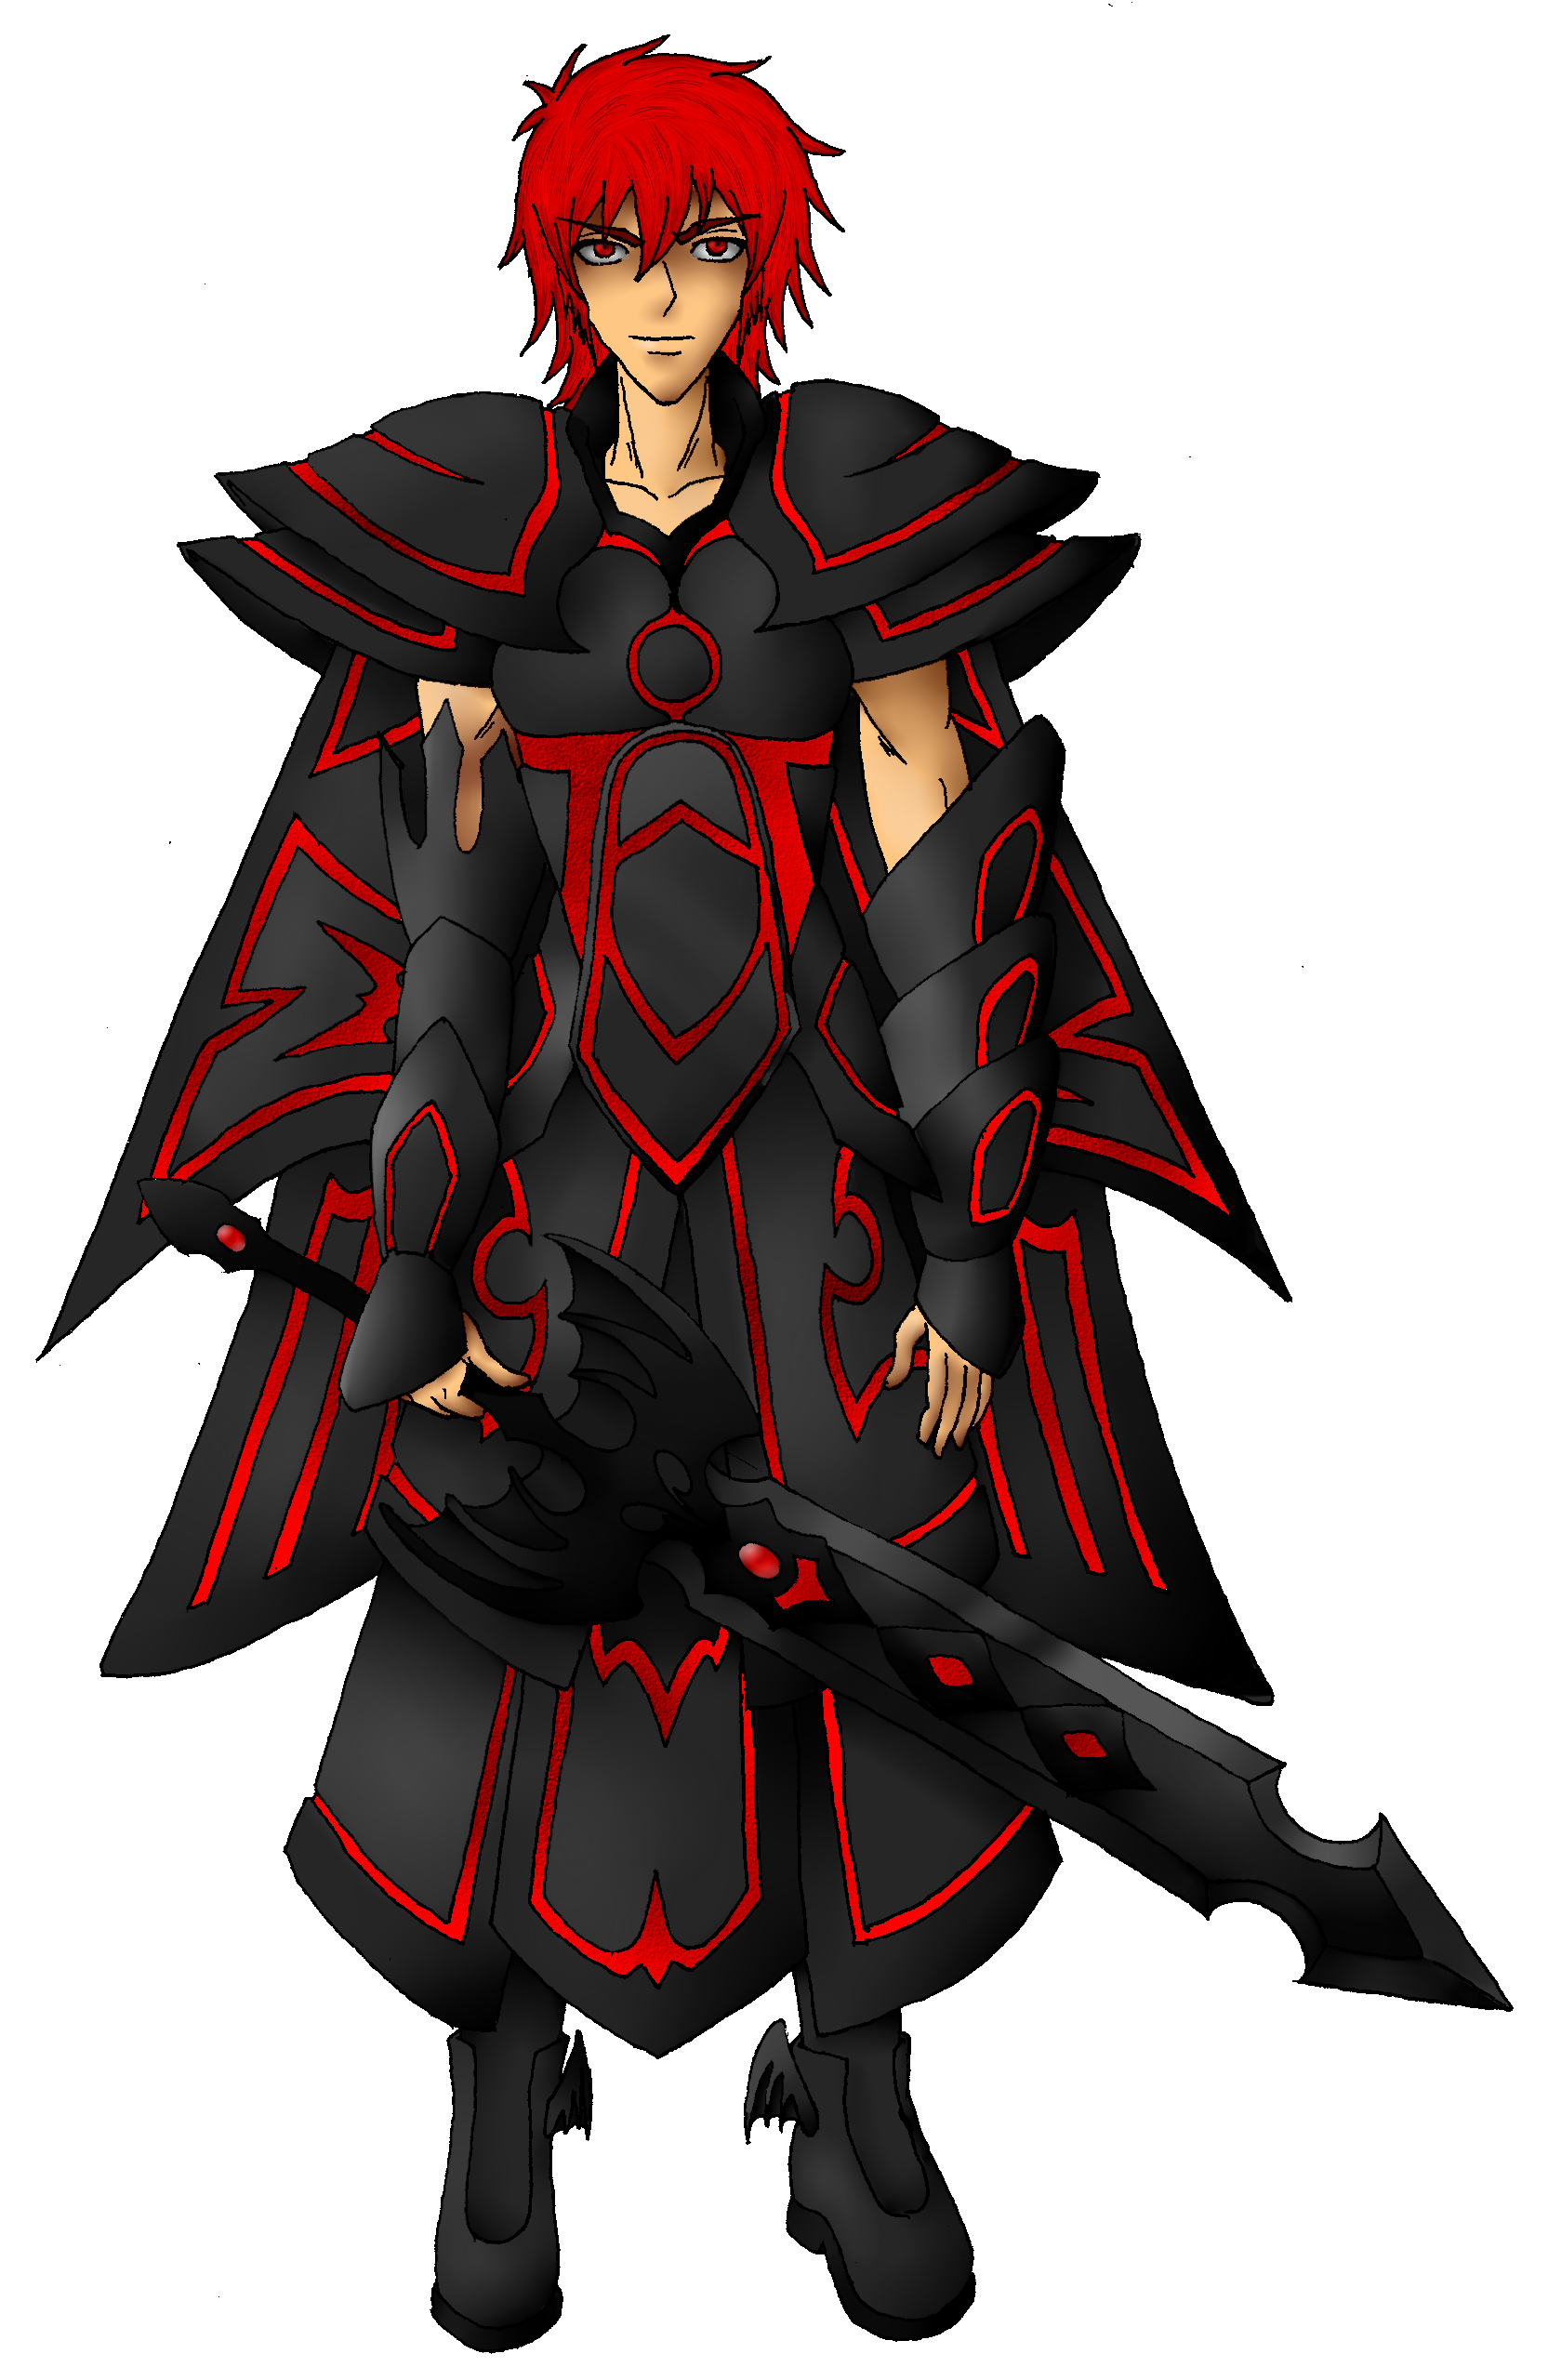 Darkreon